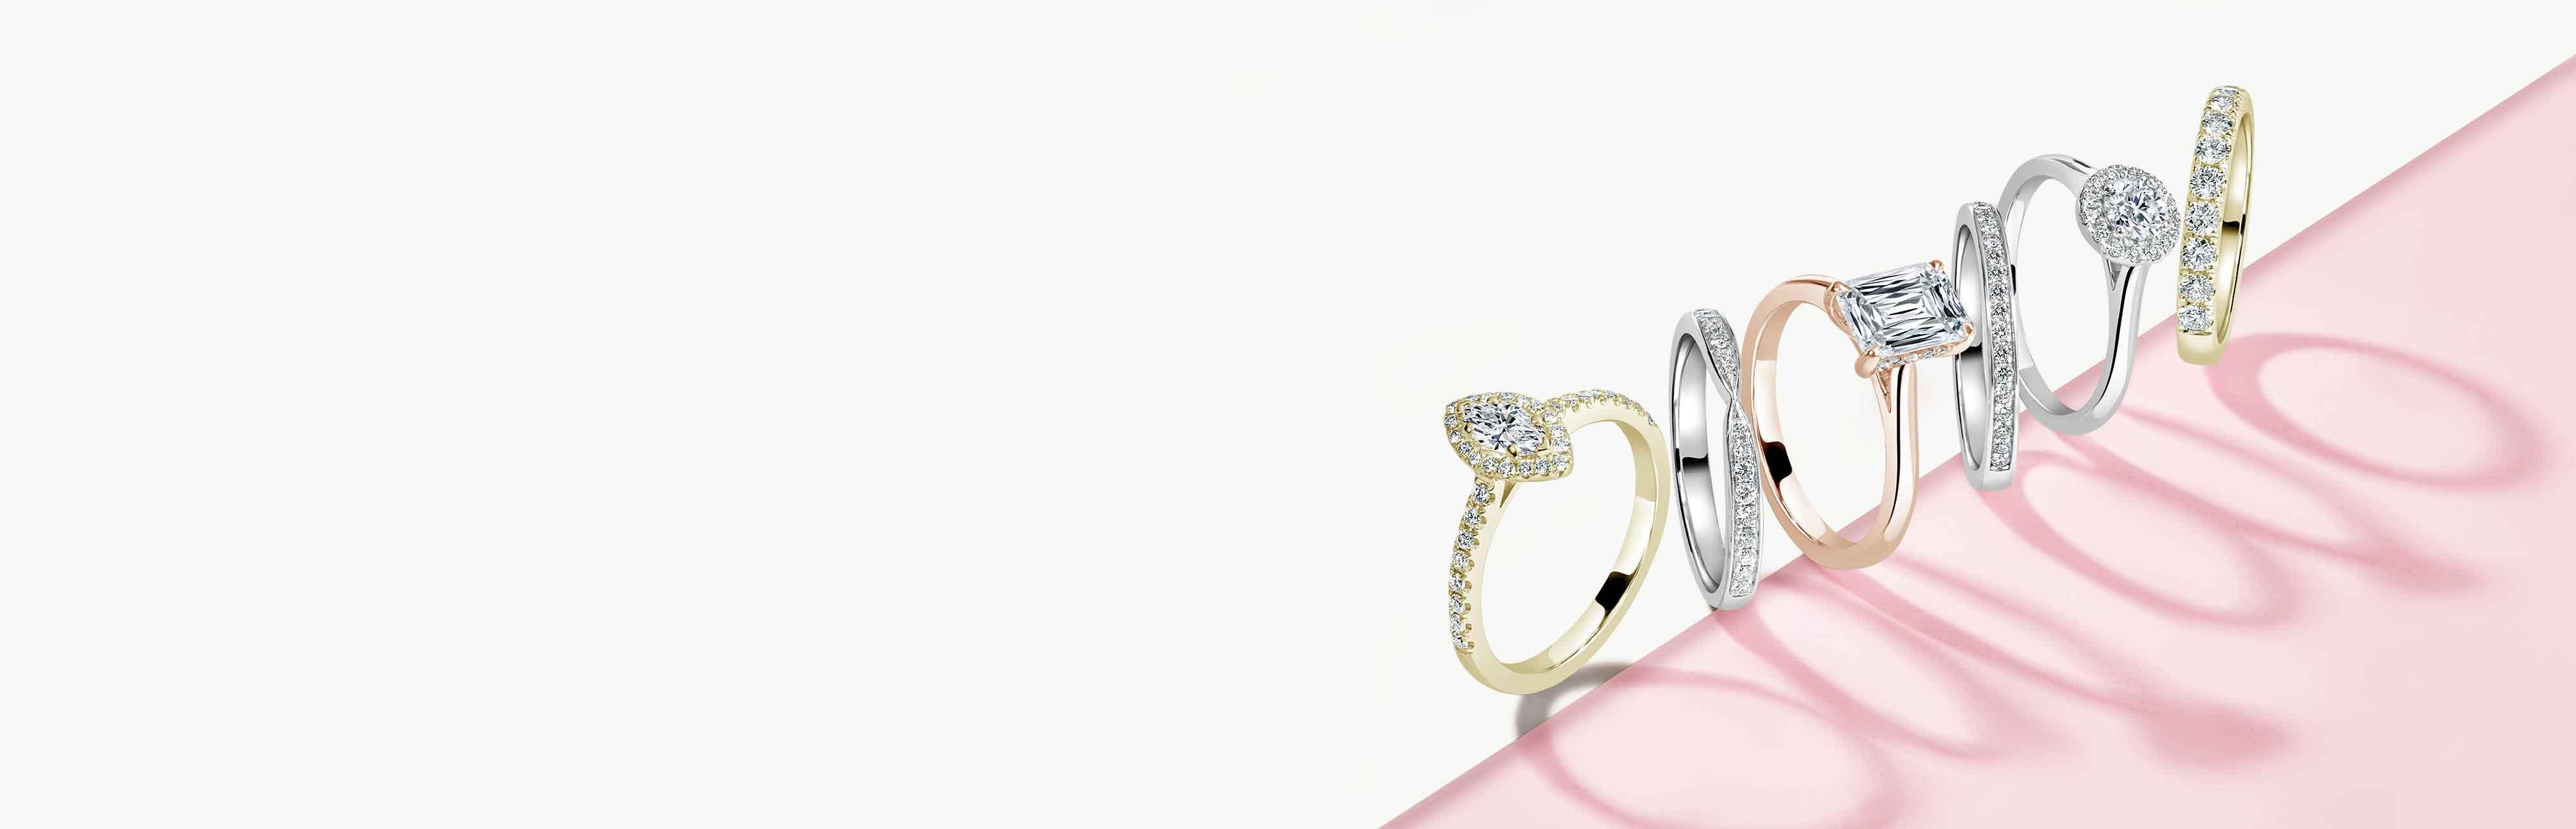 Platinum Heart Shaped Engagement Rings - Steven Stone